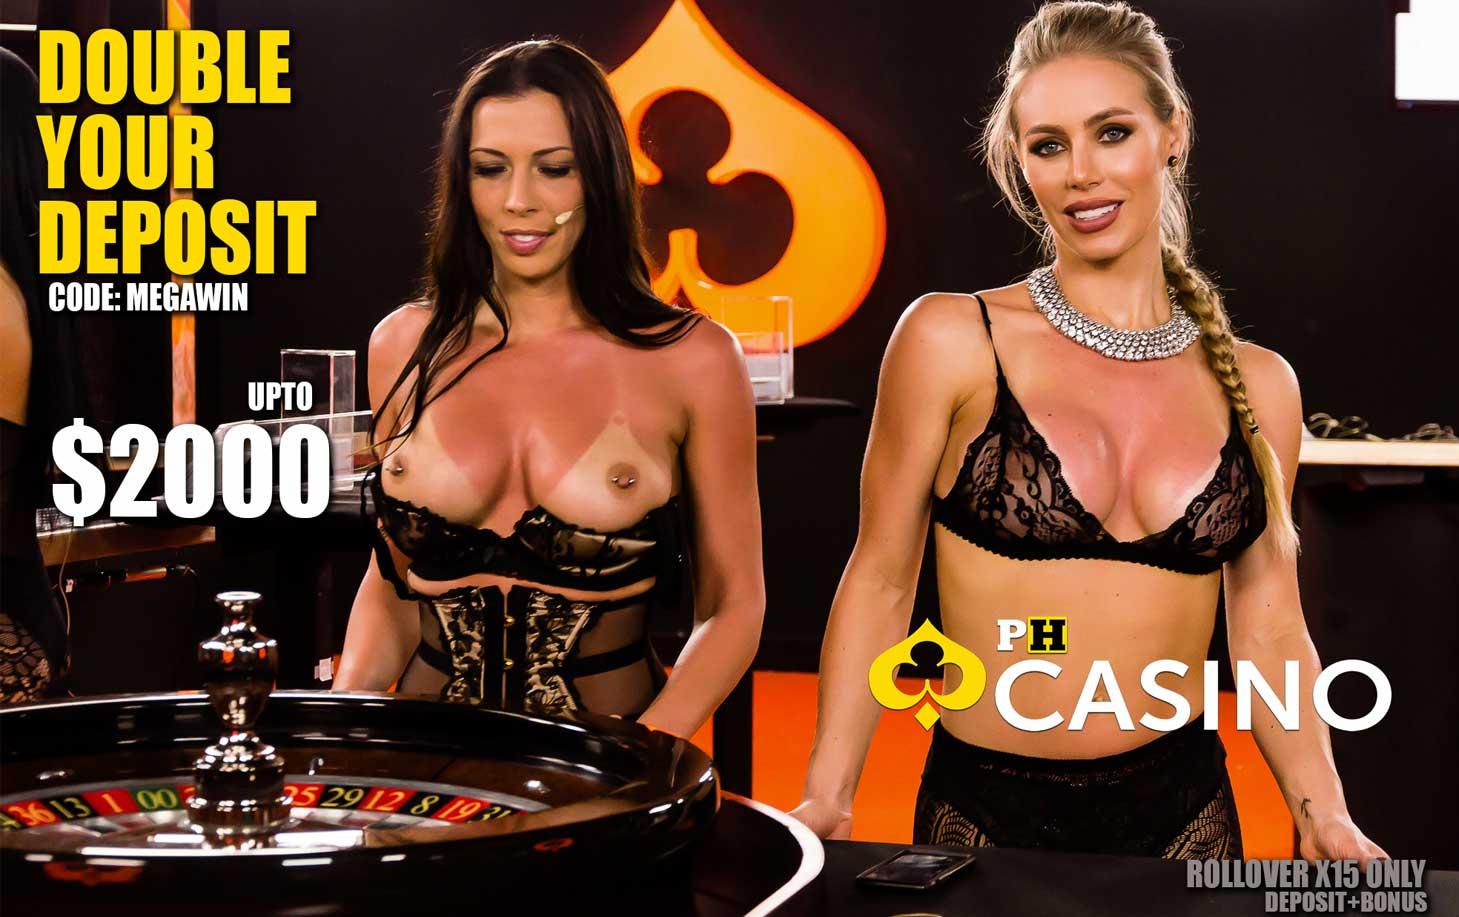 PH Erotic Casino - Bonuses